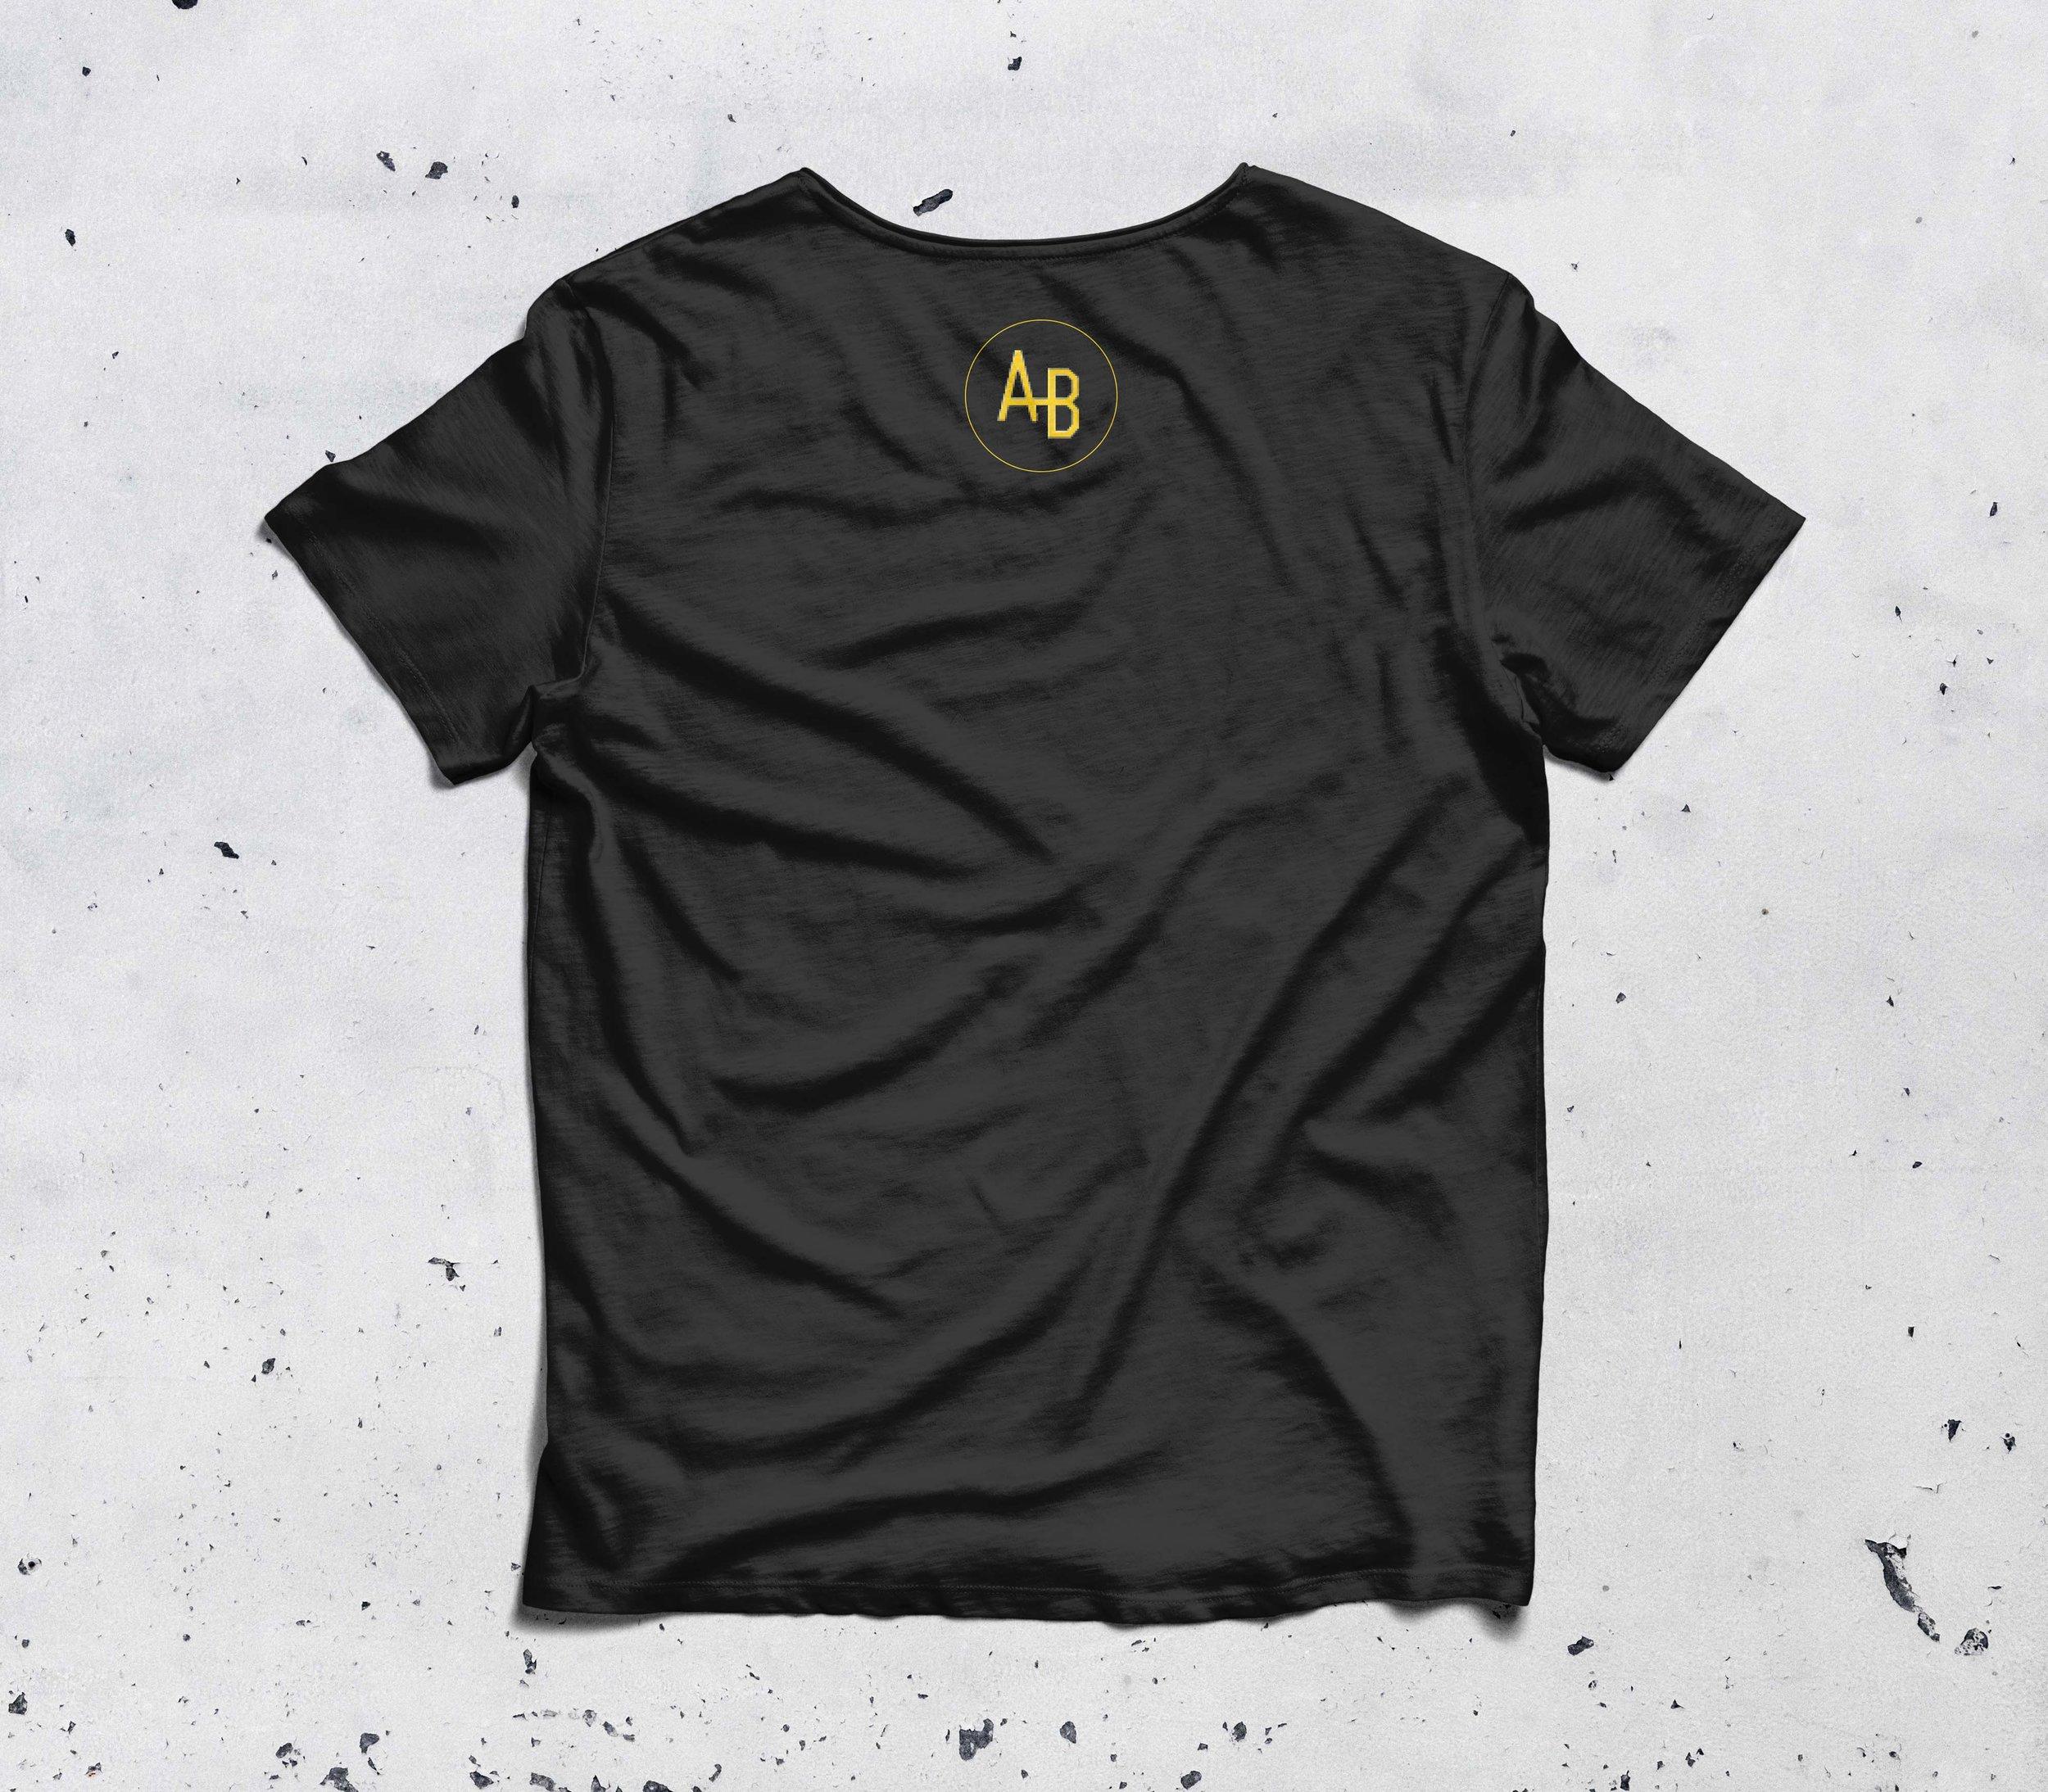 03_atob_back_tshirt.jpg